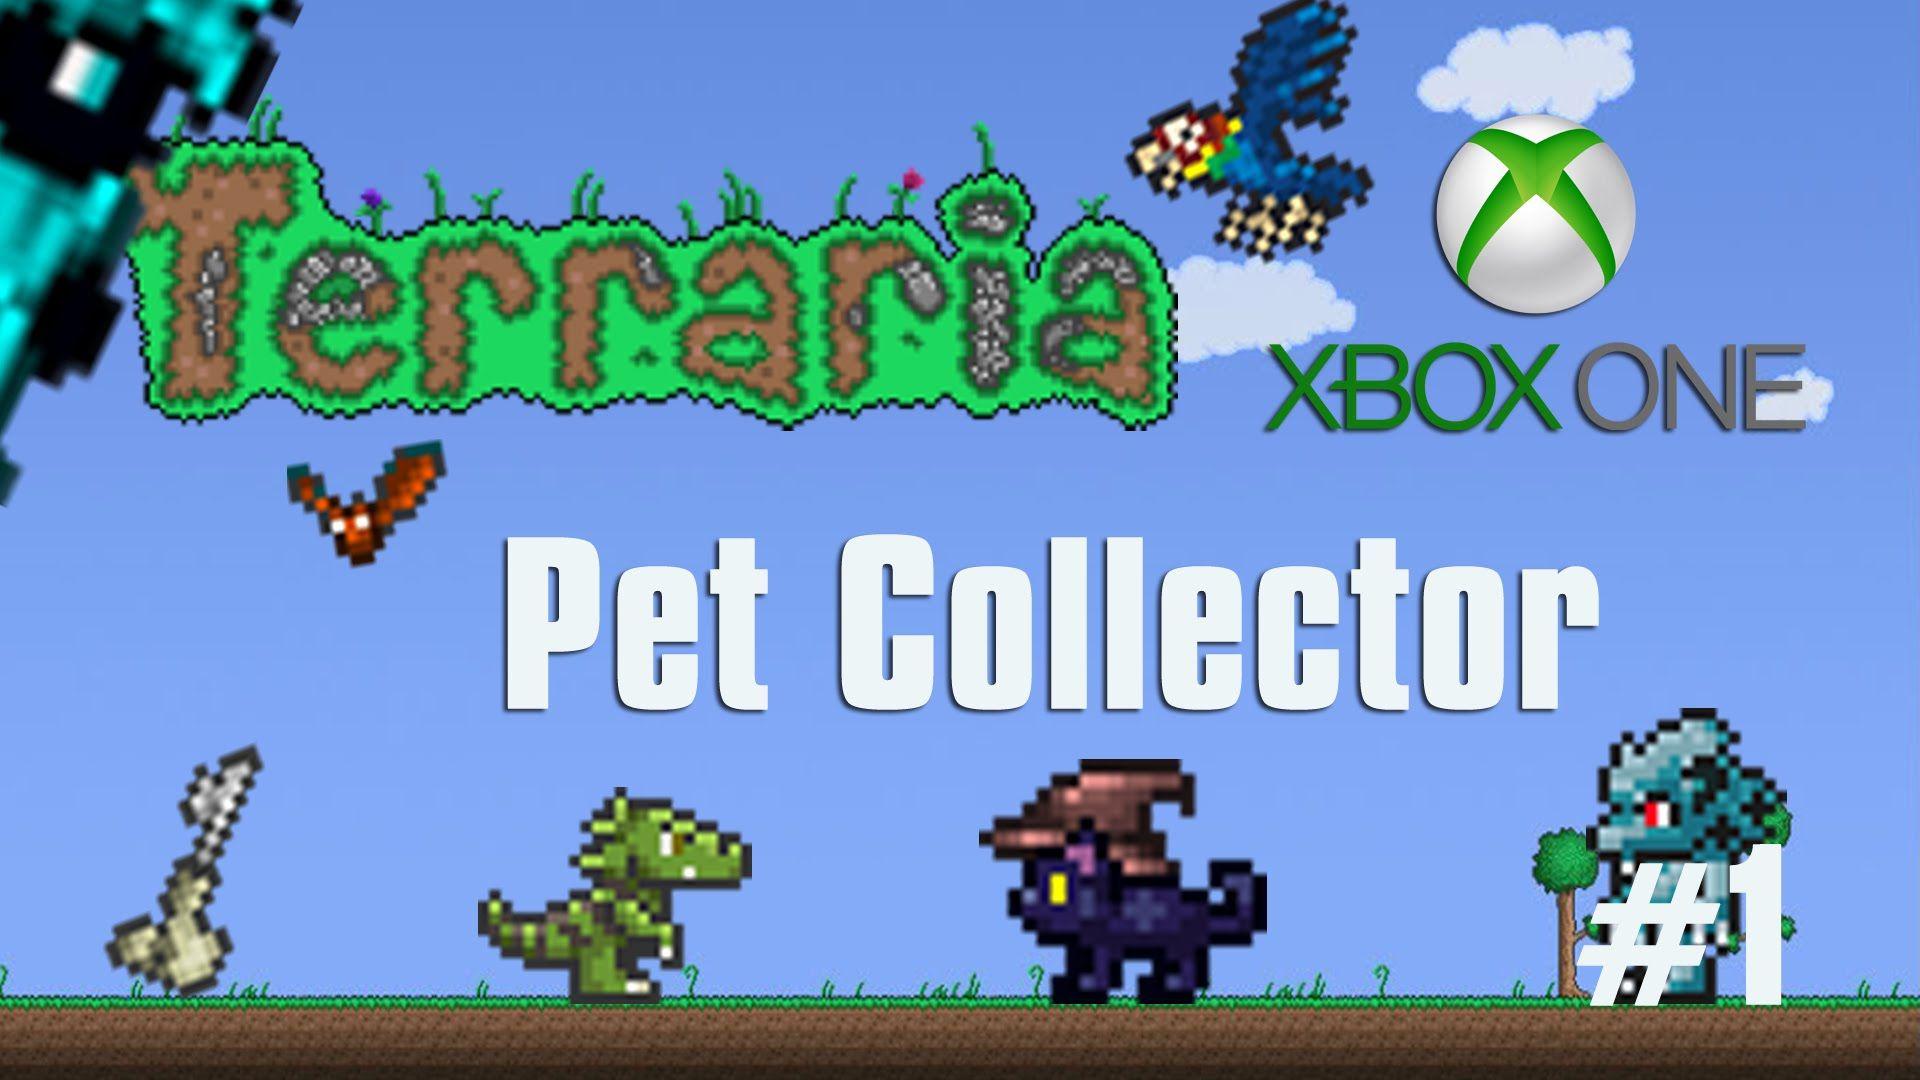 Terraria Xbox One Let's Play - Pet Collector [39] | Terraria Xbox ...